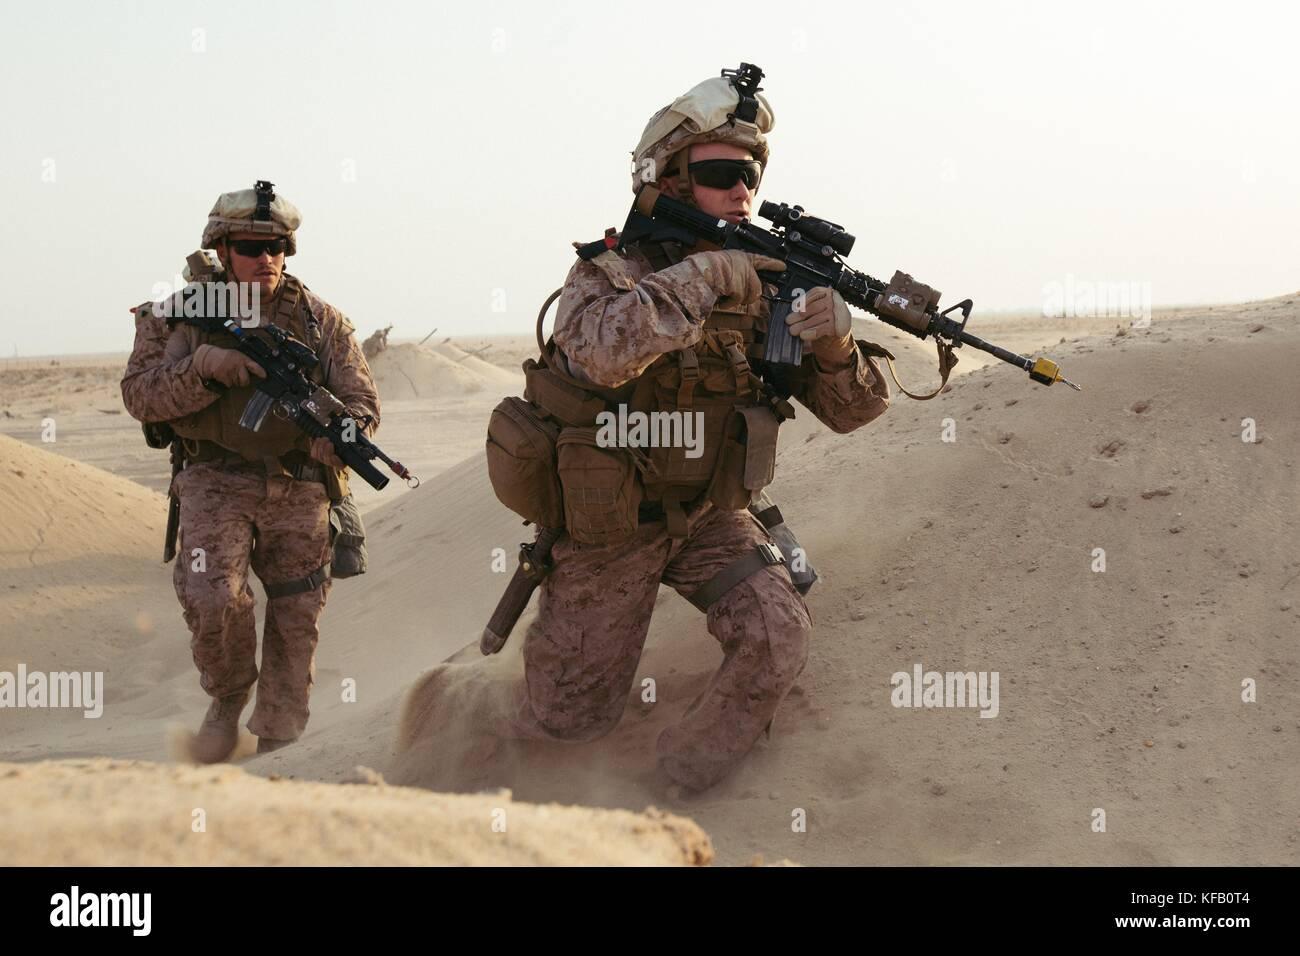 Marina de los EE.UU. Matthew cpl lecompte y lance cpl. dulton james con 2º Batallón, 7º regimiento de la infantería de marina hacia la ejecución simulada de bajas durante el entrenamiento en el Oriente Medio, oct. 10, 2017. son miembros de una fuerza de reacción rápida que es capaz de responder a las situaciones con poca antelación. infantes de marina con 2/7 se encargó de llevar a cabo una qrf a recuperar rápidamente bajas simuladas y llevarlos de vuelta a la seguridad. Este fue el primer ejercicio 07/02 ha llevado a cabo tras la sustitución del 1er Batallón, 7º regimiento de la infantería de marina de EE.UU. en la zona de operaciones del comando central. (Foto por CPL. jocelyn ontiveros mediante pl Foto de stock